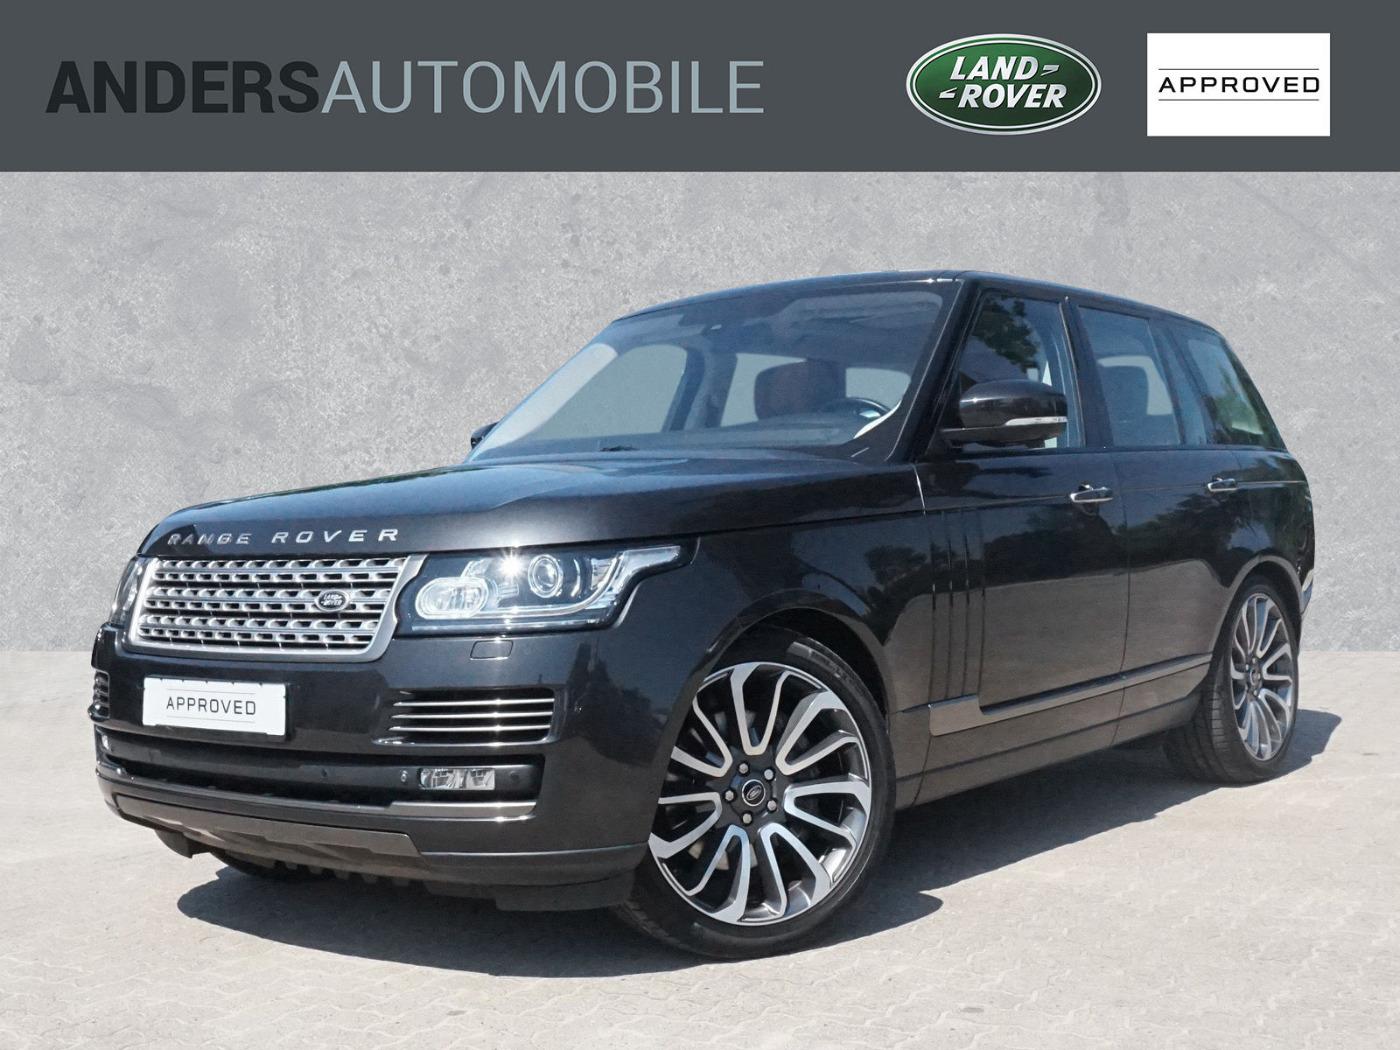 Land Rover Range Rover 5.0l V8 Autobiography Standheizung, Jahr 2013, Benzin